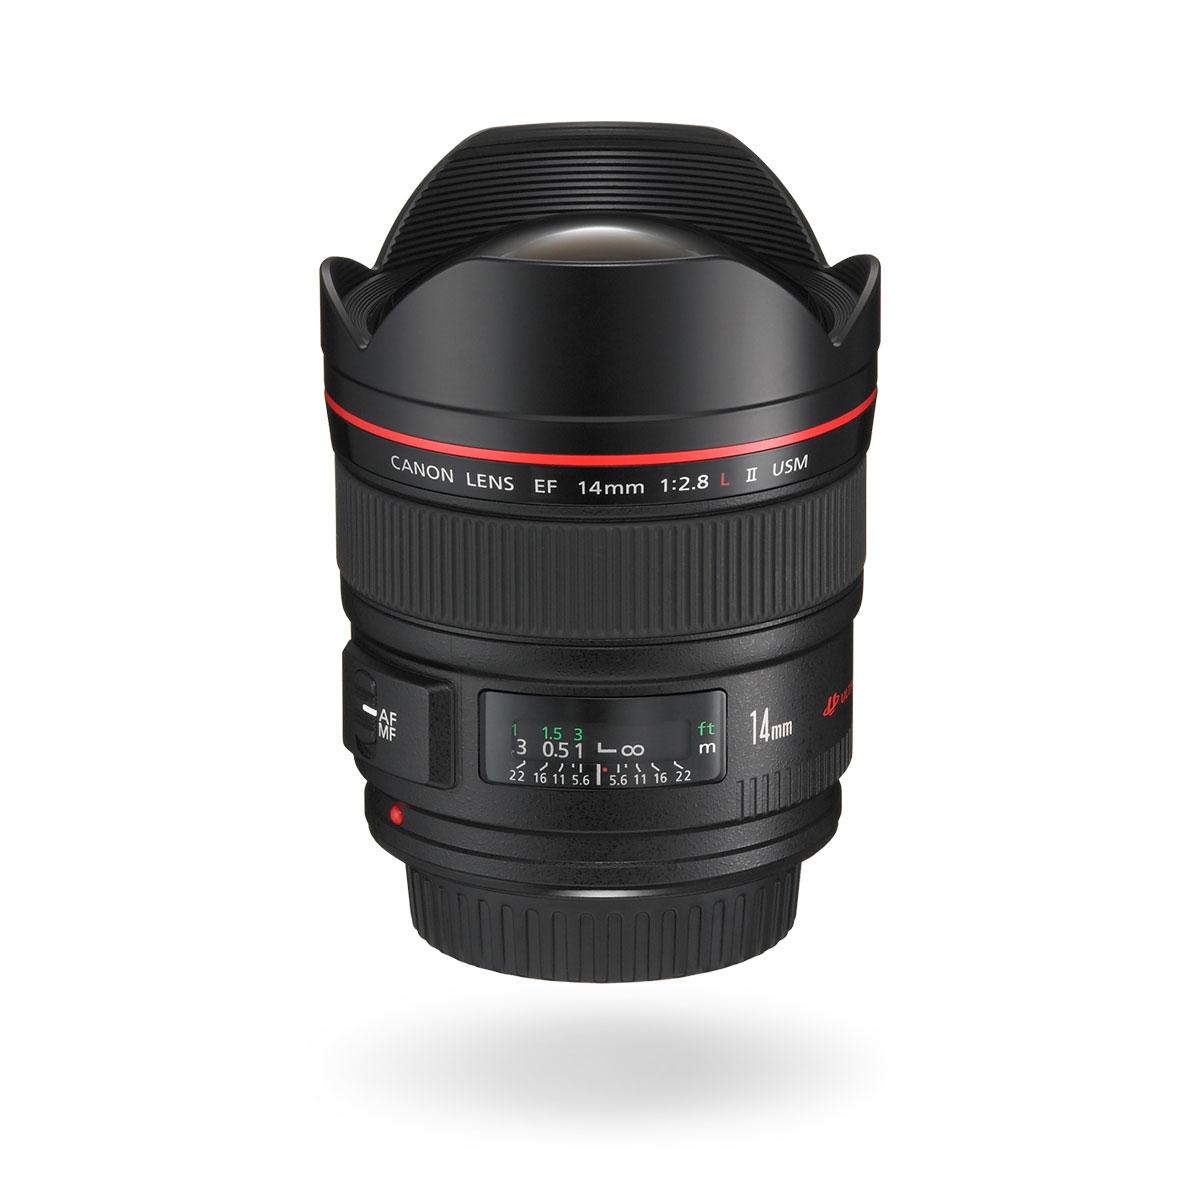 EF 14mm f/2.8L II USM lens